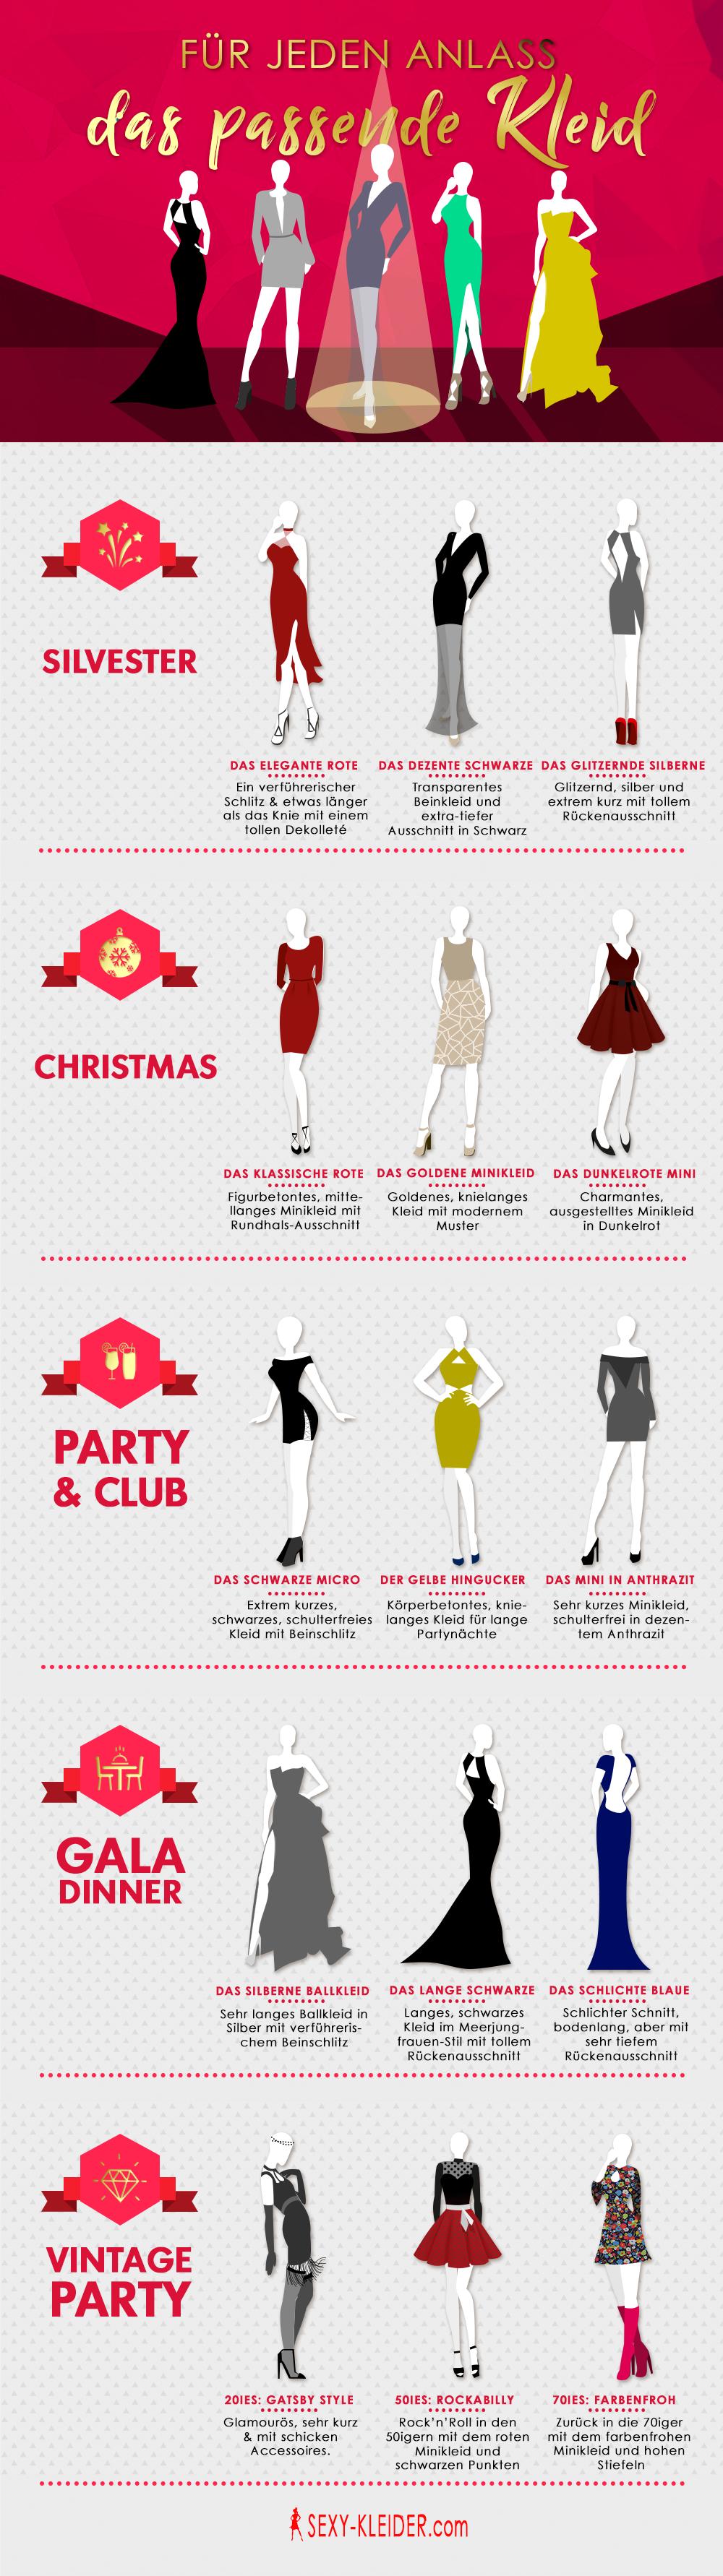 Infografik – Für jeden Anlass das passende Kleid